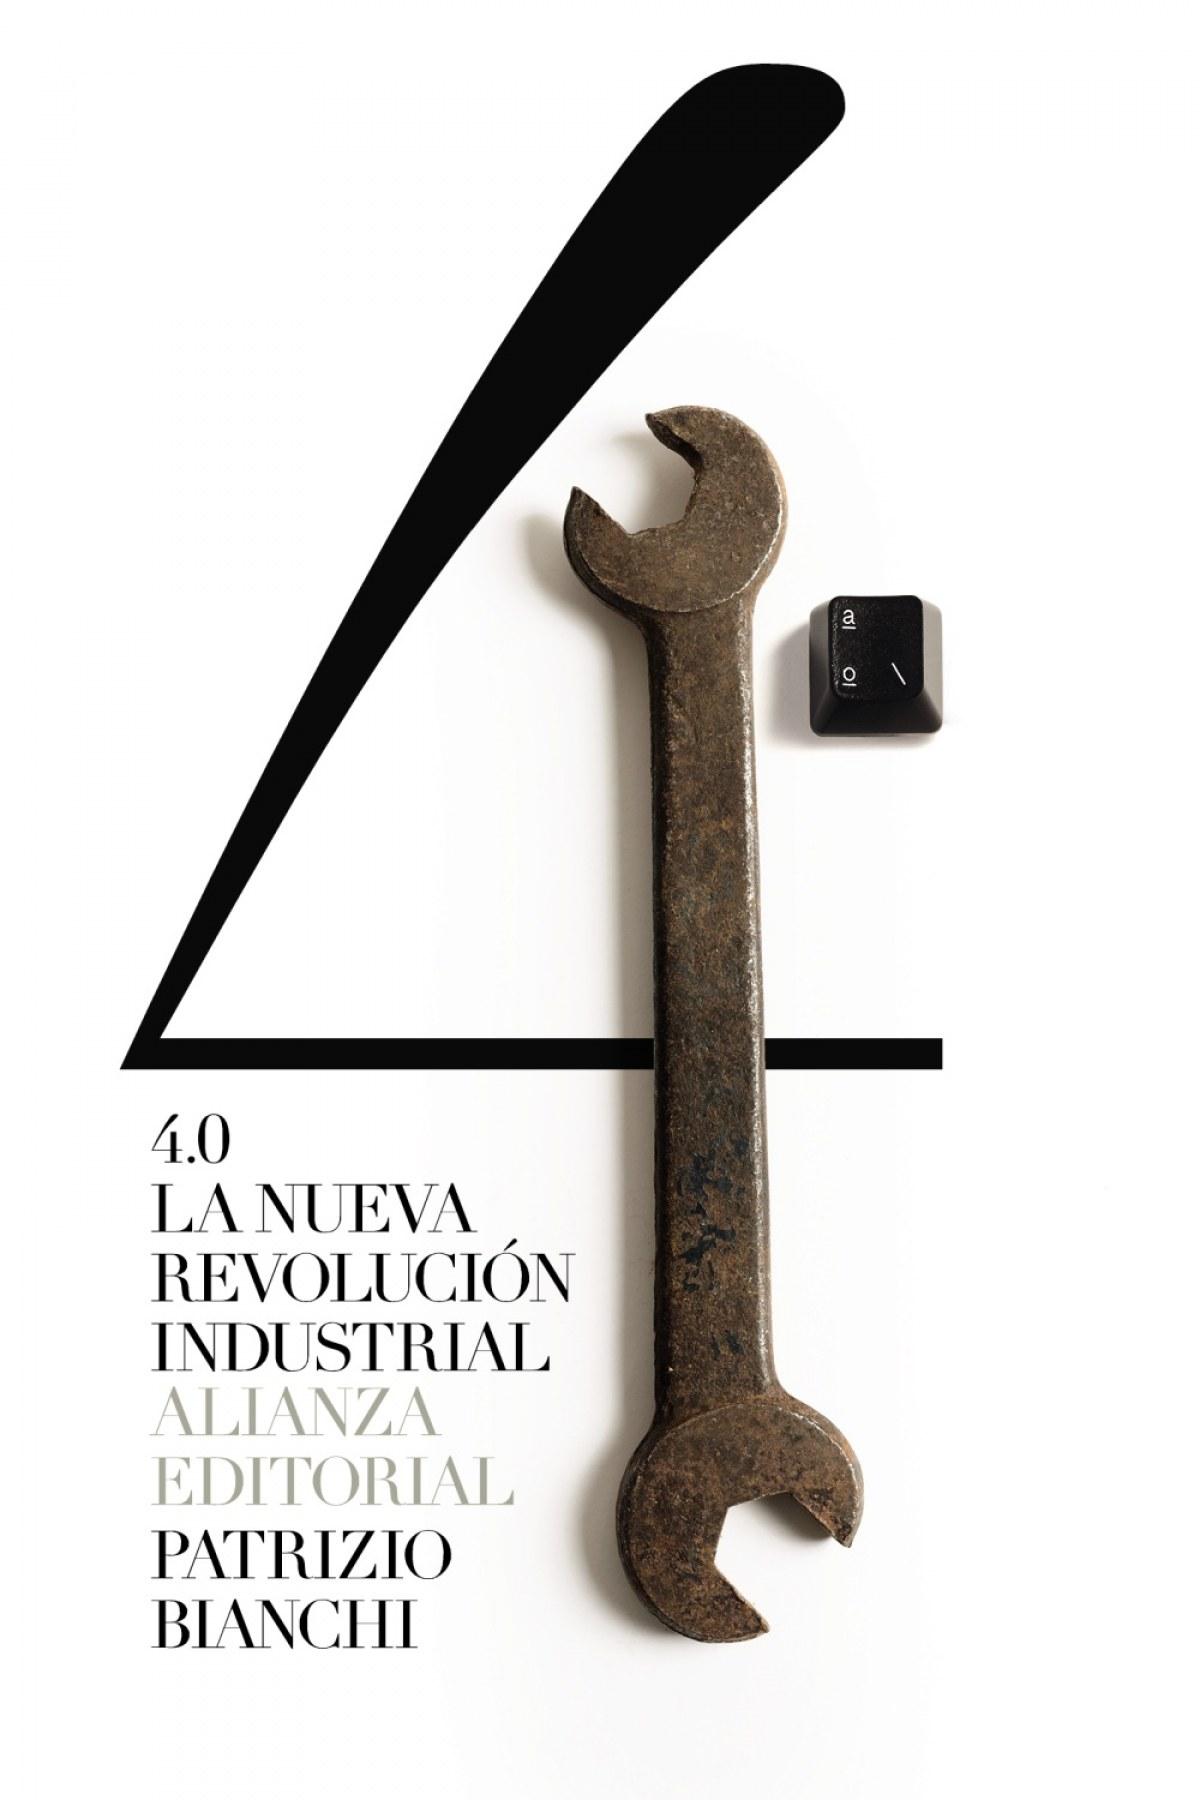 4.0: La nueva revolución industrial